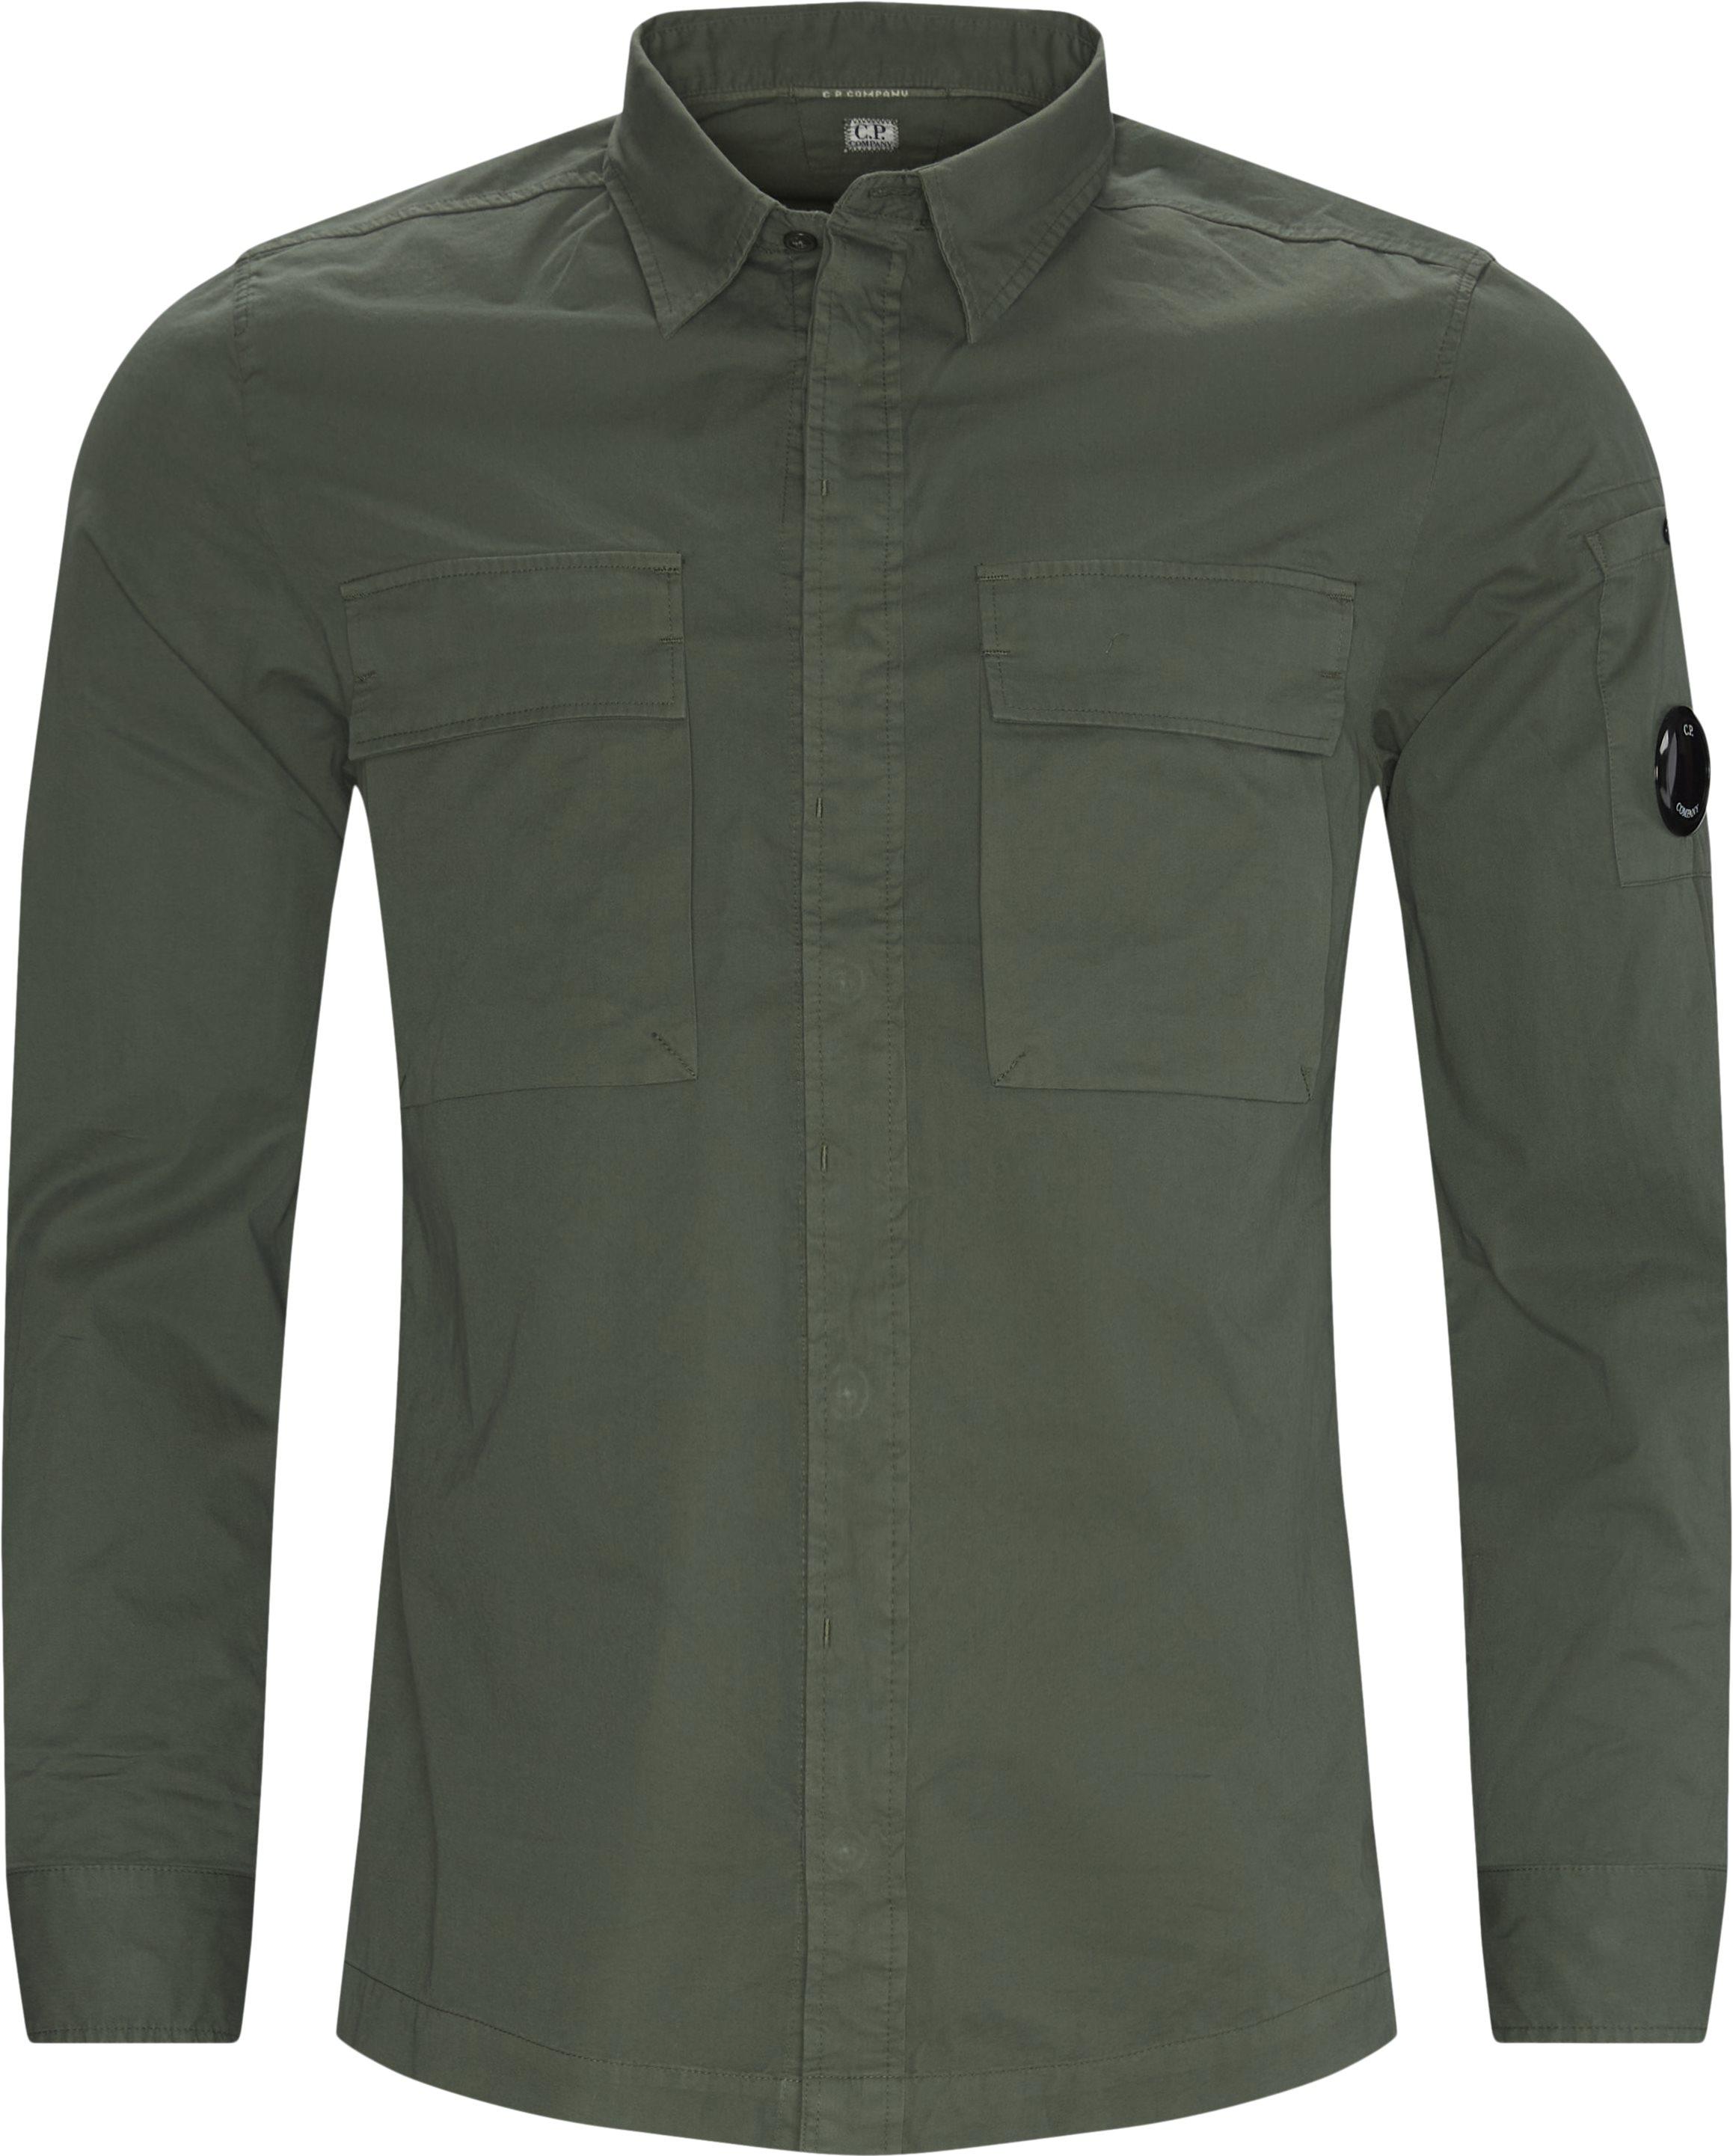 Emerized Gabardine Garment Dyed Shirt - Skjorter - Regular fit - Grøn